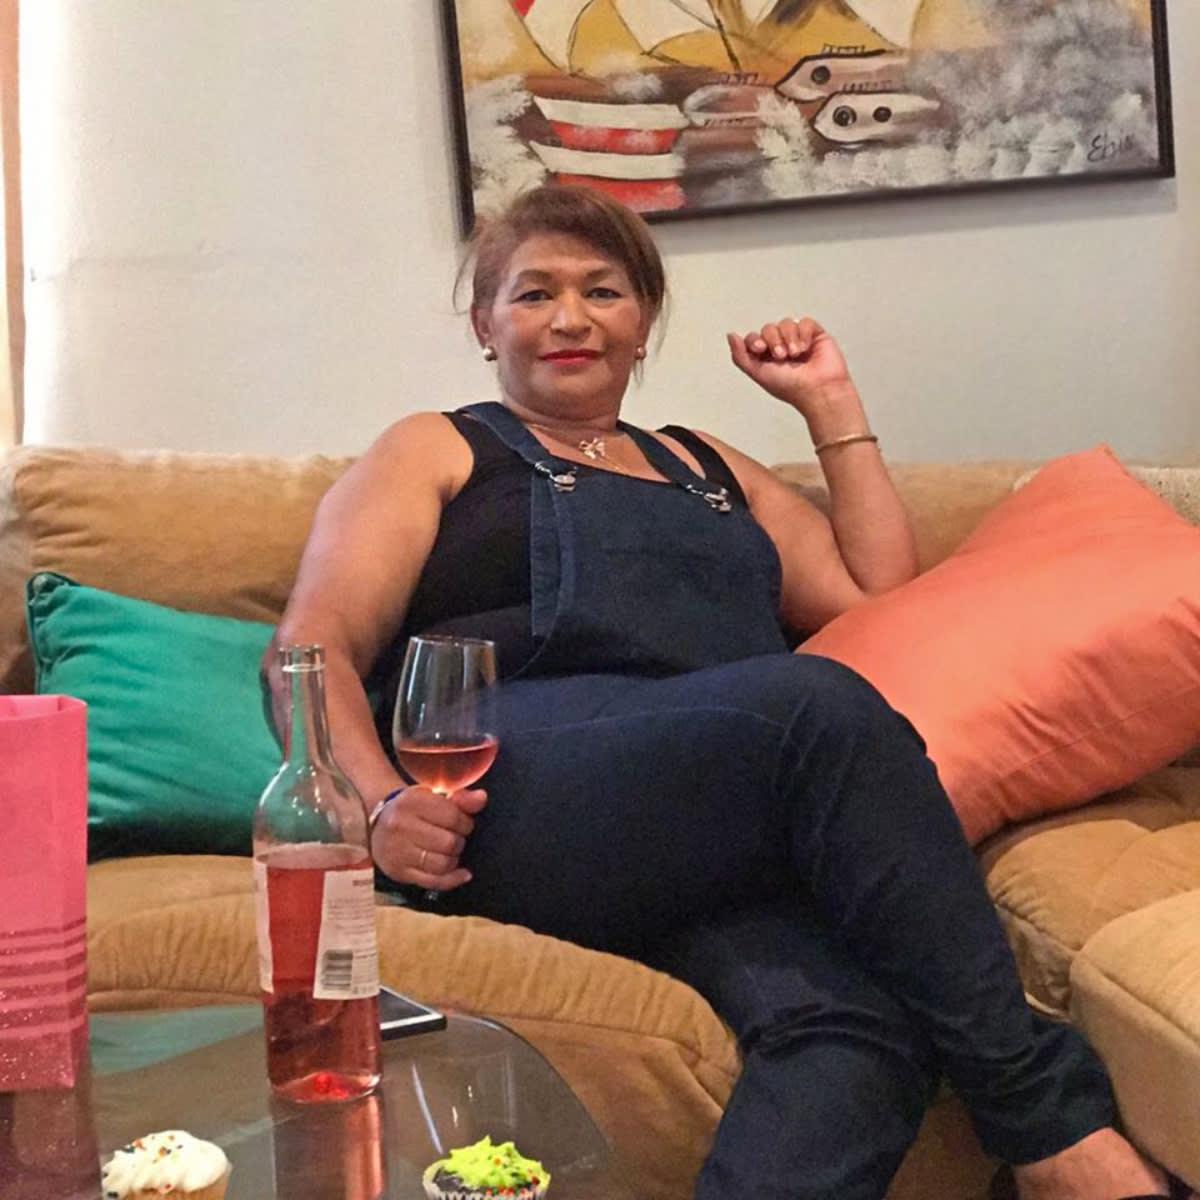 Último viaje de colombiana la mató de un balazo, por Mario Guevara